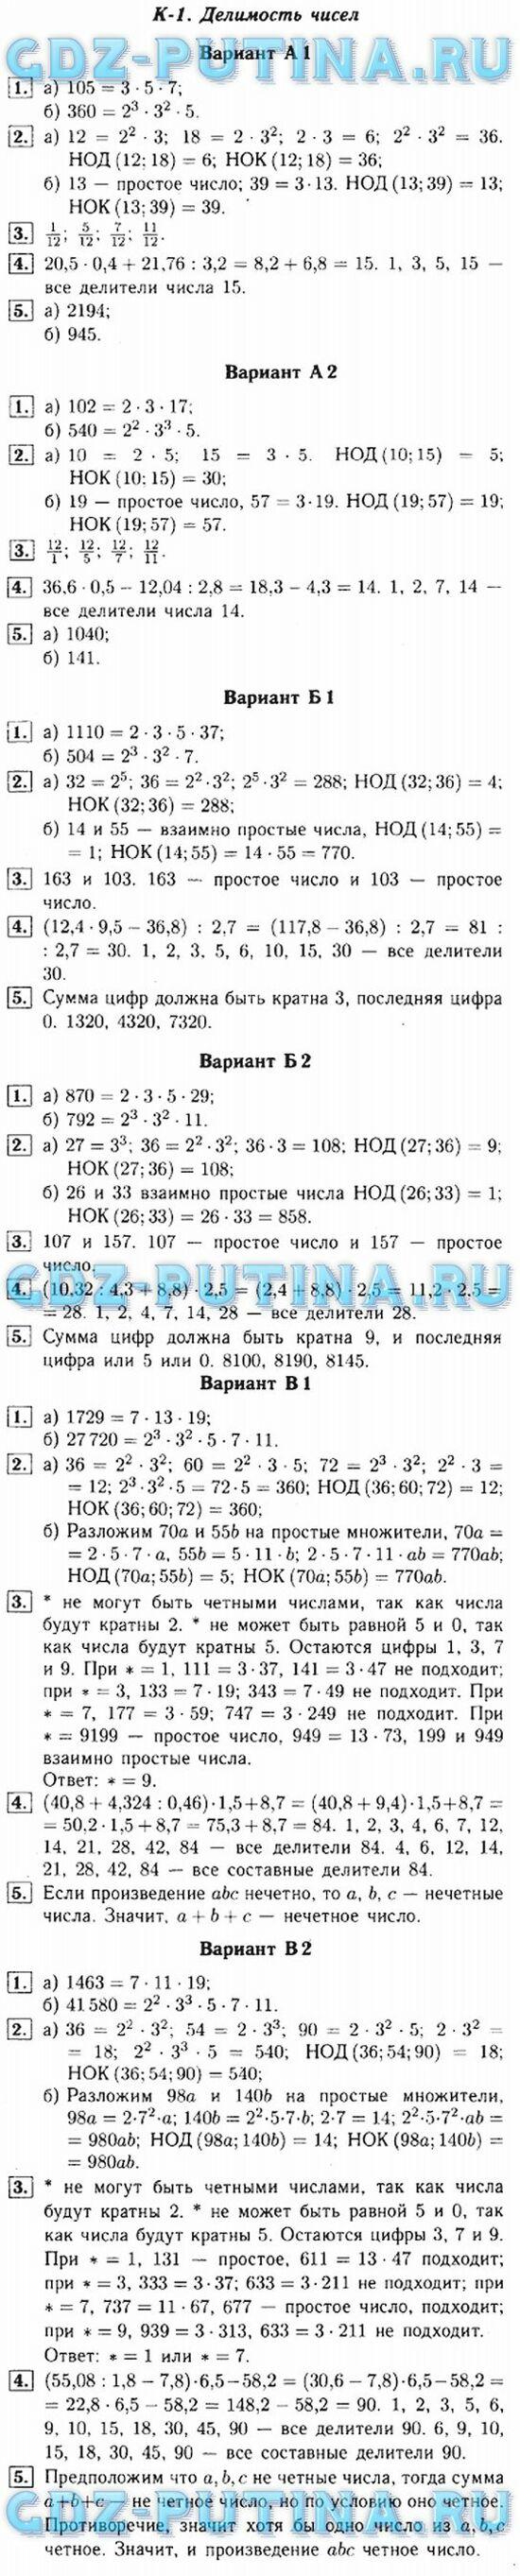 гдз по математике 6 класс Ершова, Голобородько